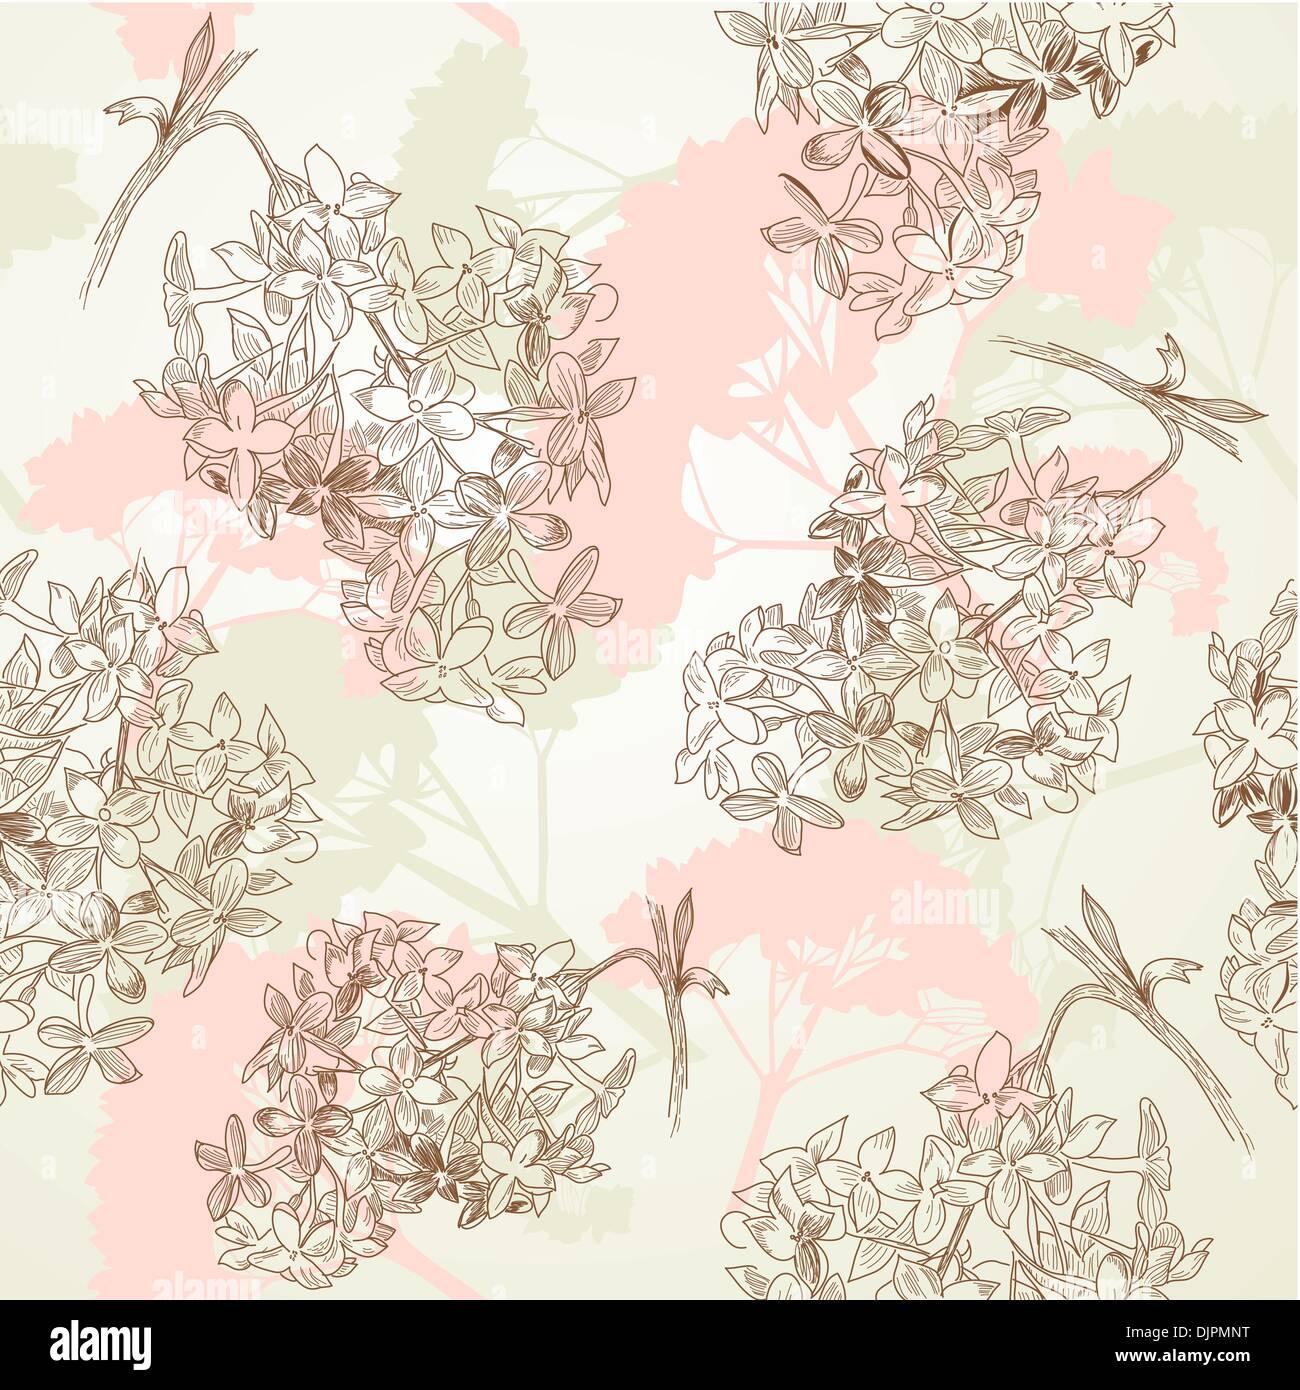 hortensia vector vectors photos hortensia vector vectors images alamy. Black Bedroom Furniture Sets. Home Design Ideas